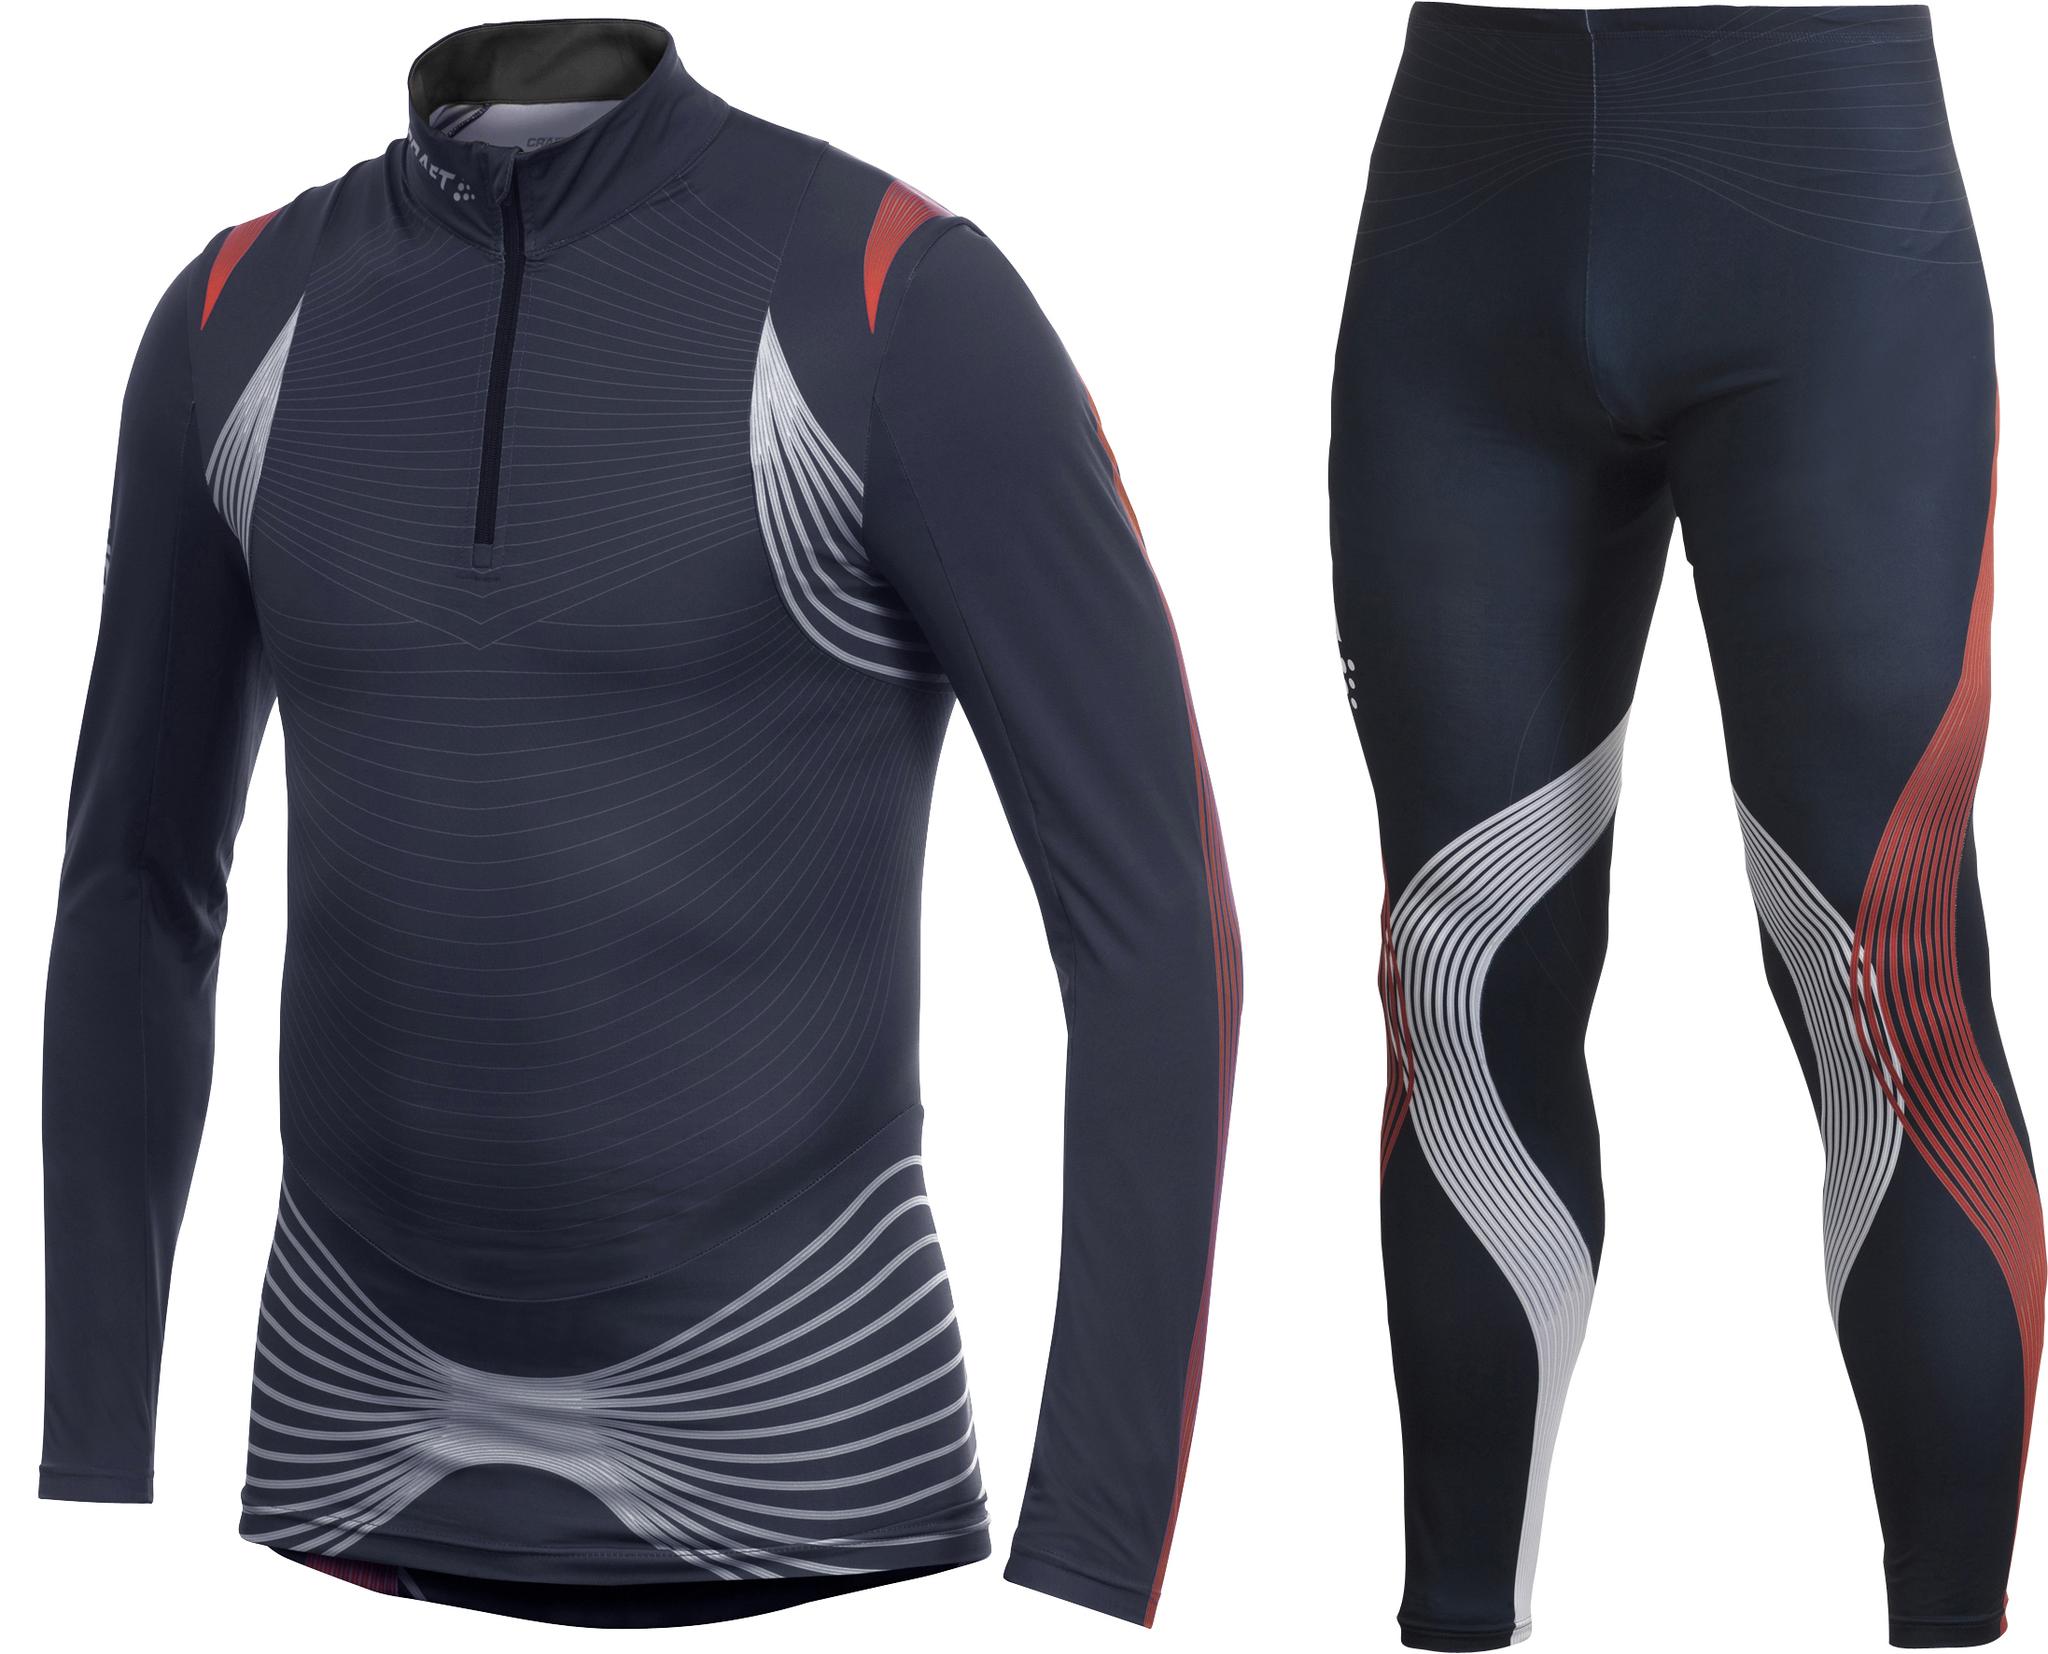 Элитный гоночный костюм Craft Elite XC мужской темно синий